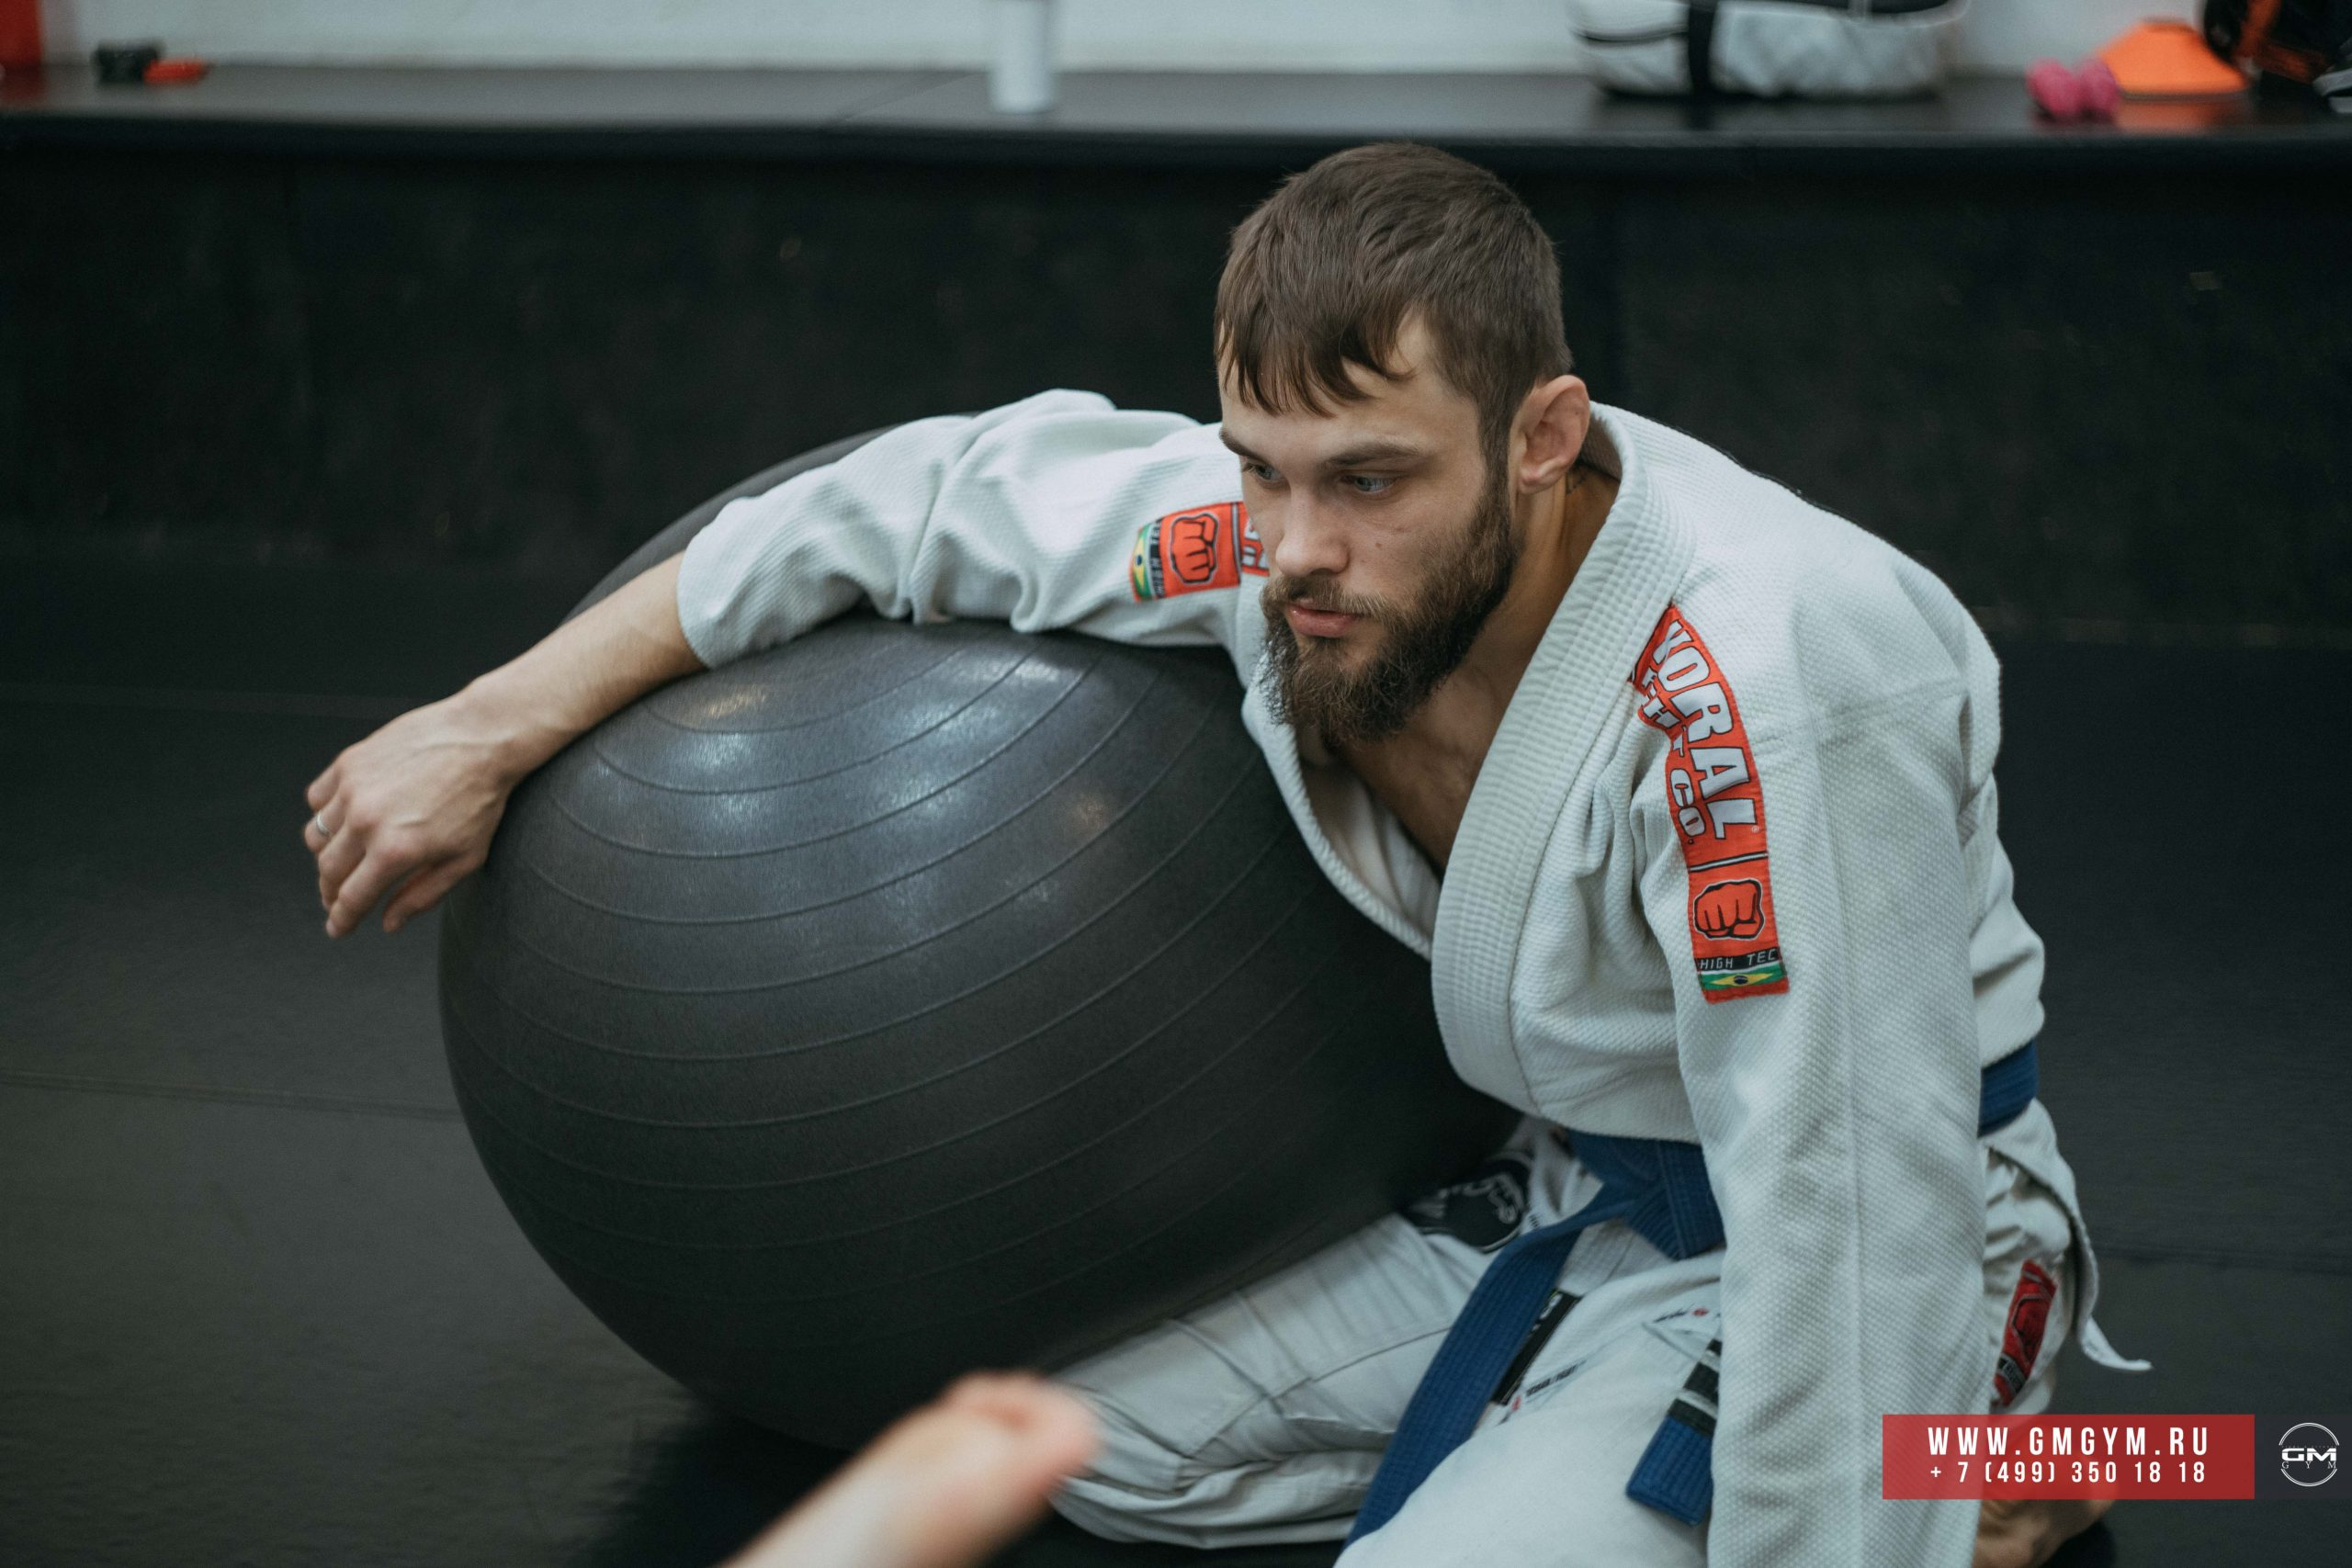 Андрей Жуков тренер по БЖЖ 2